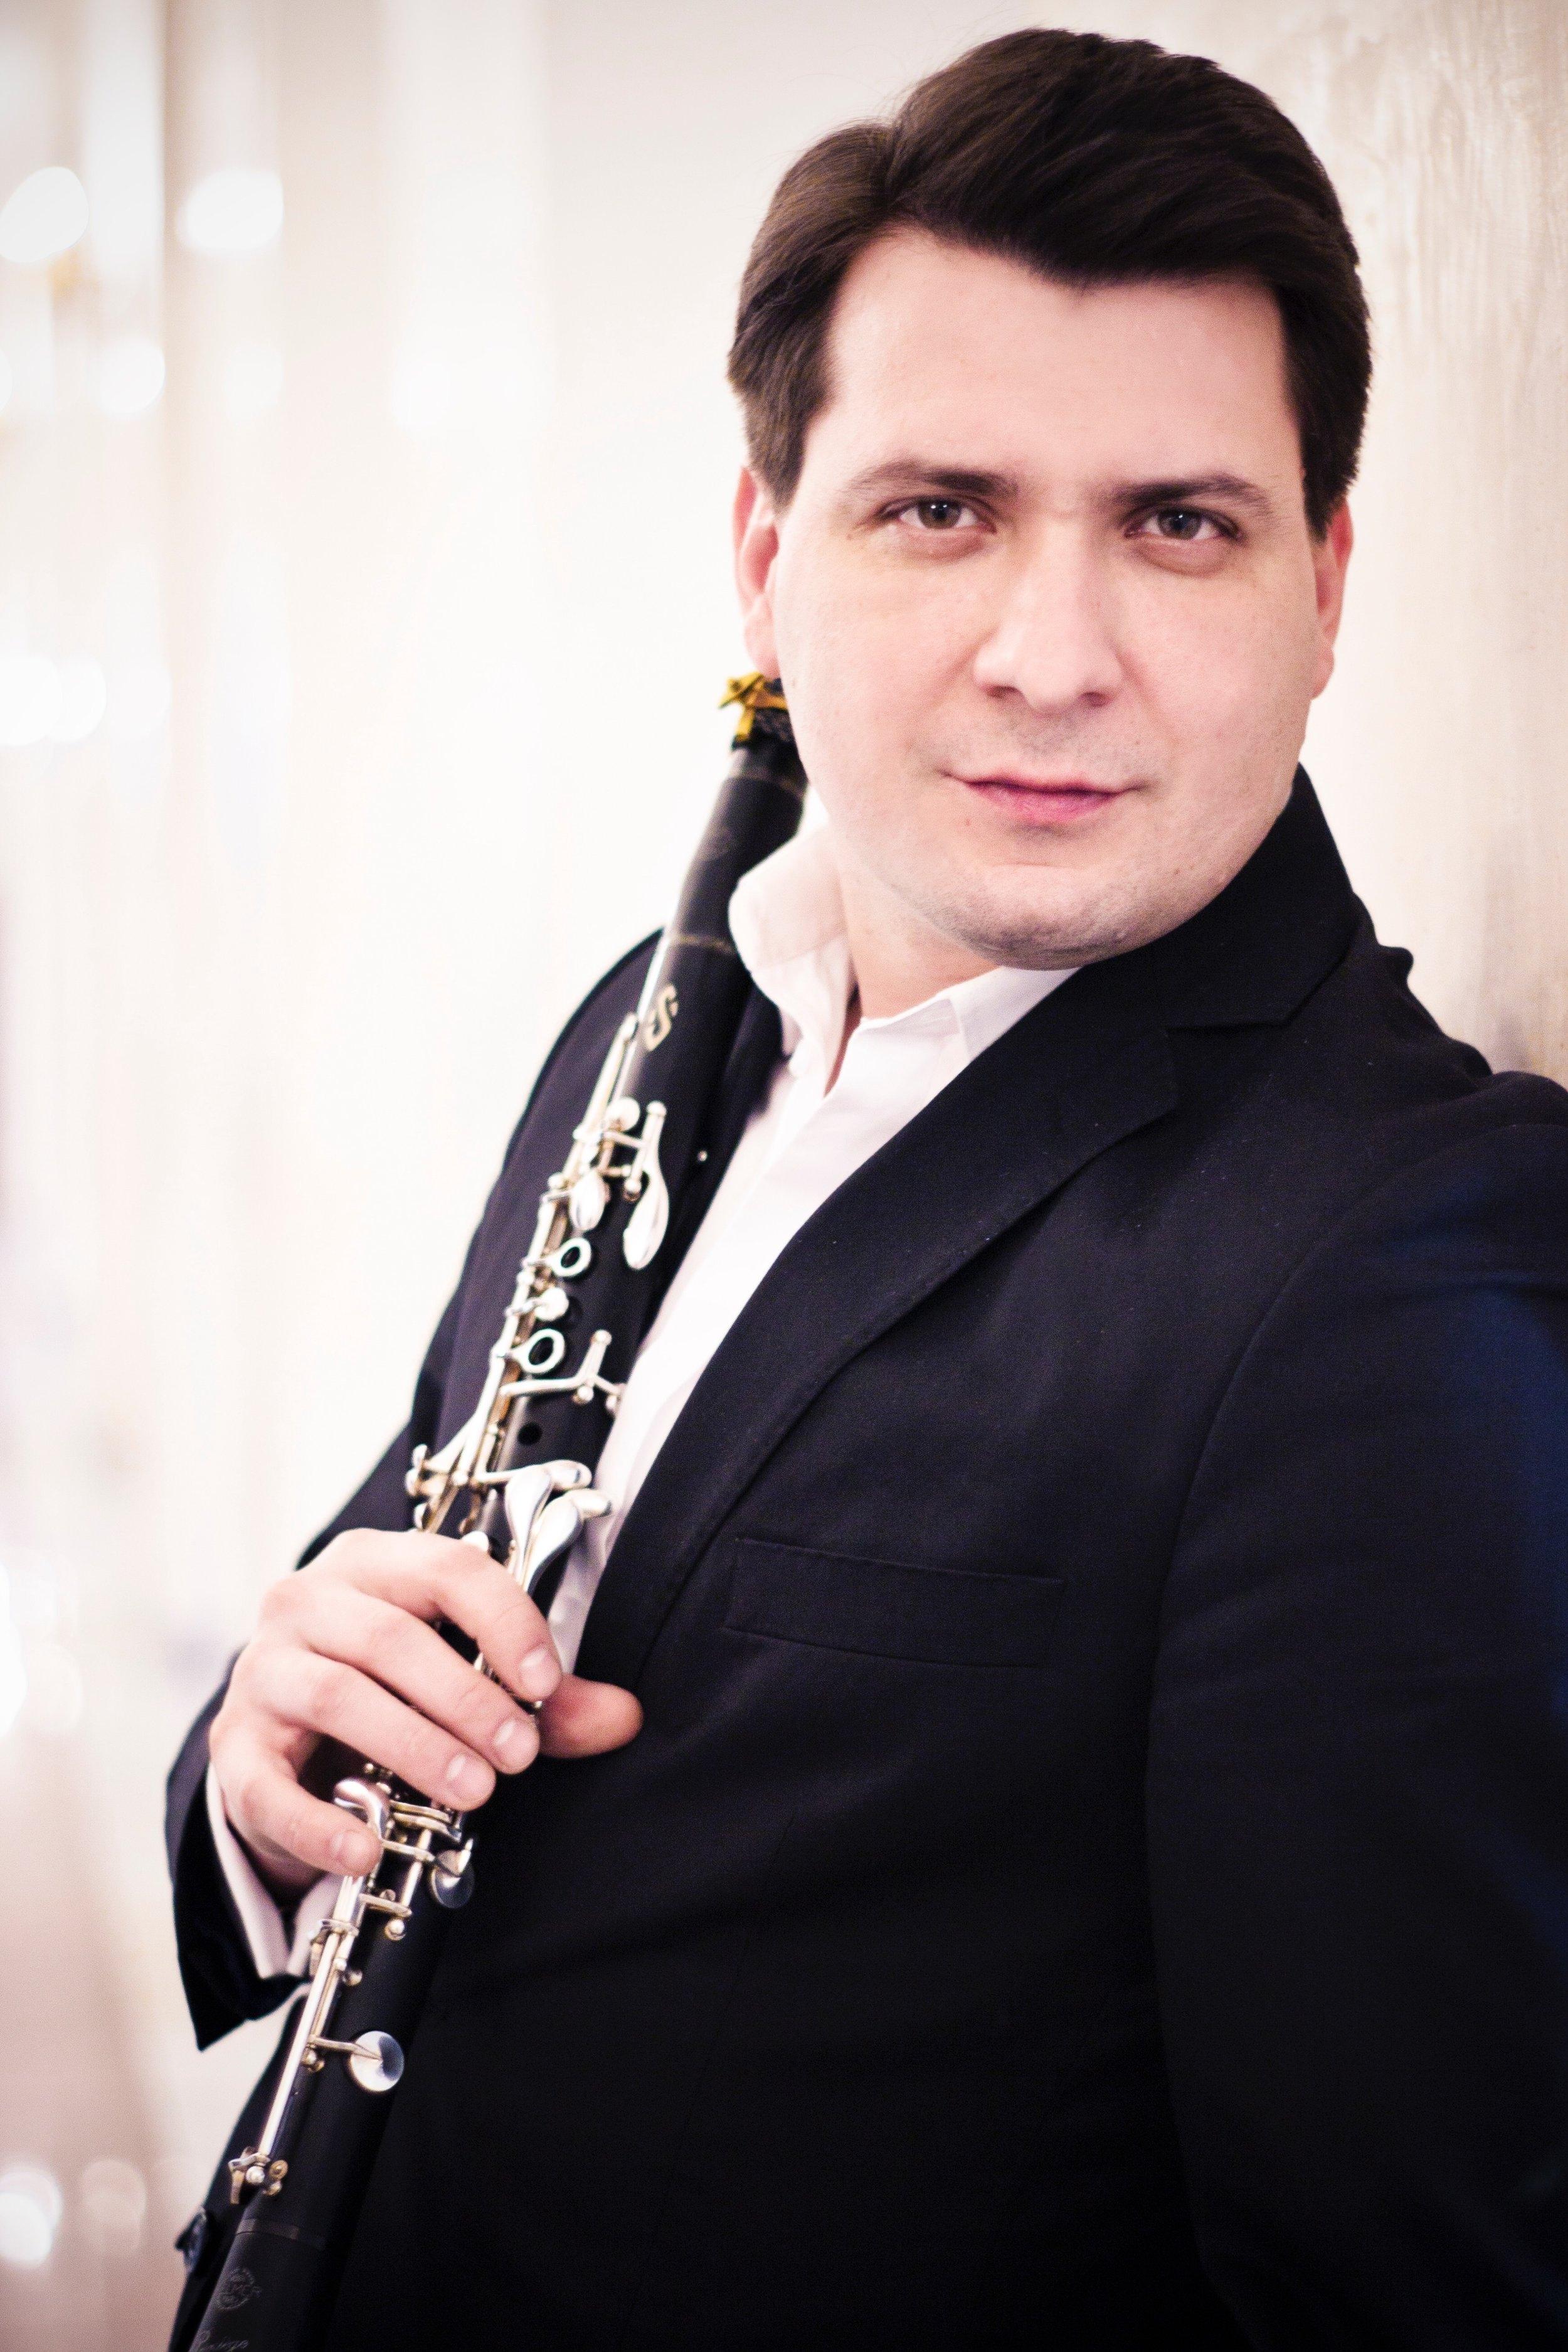 Andrzej Wojciechowski - Clarinetist